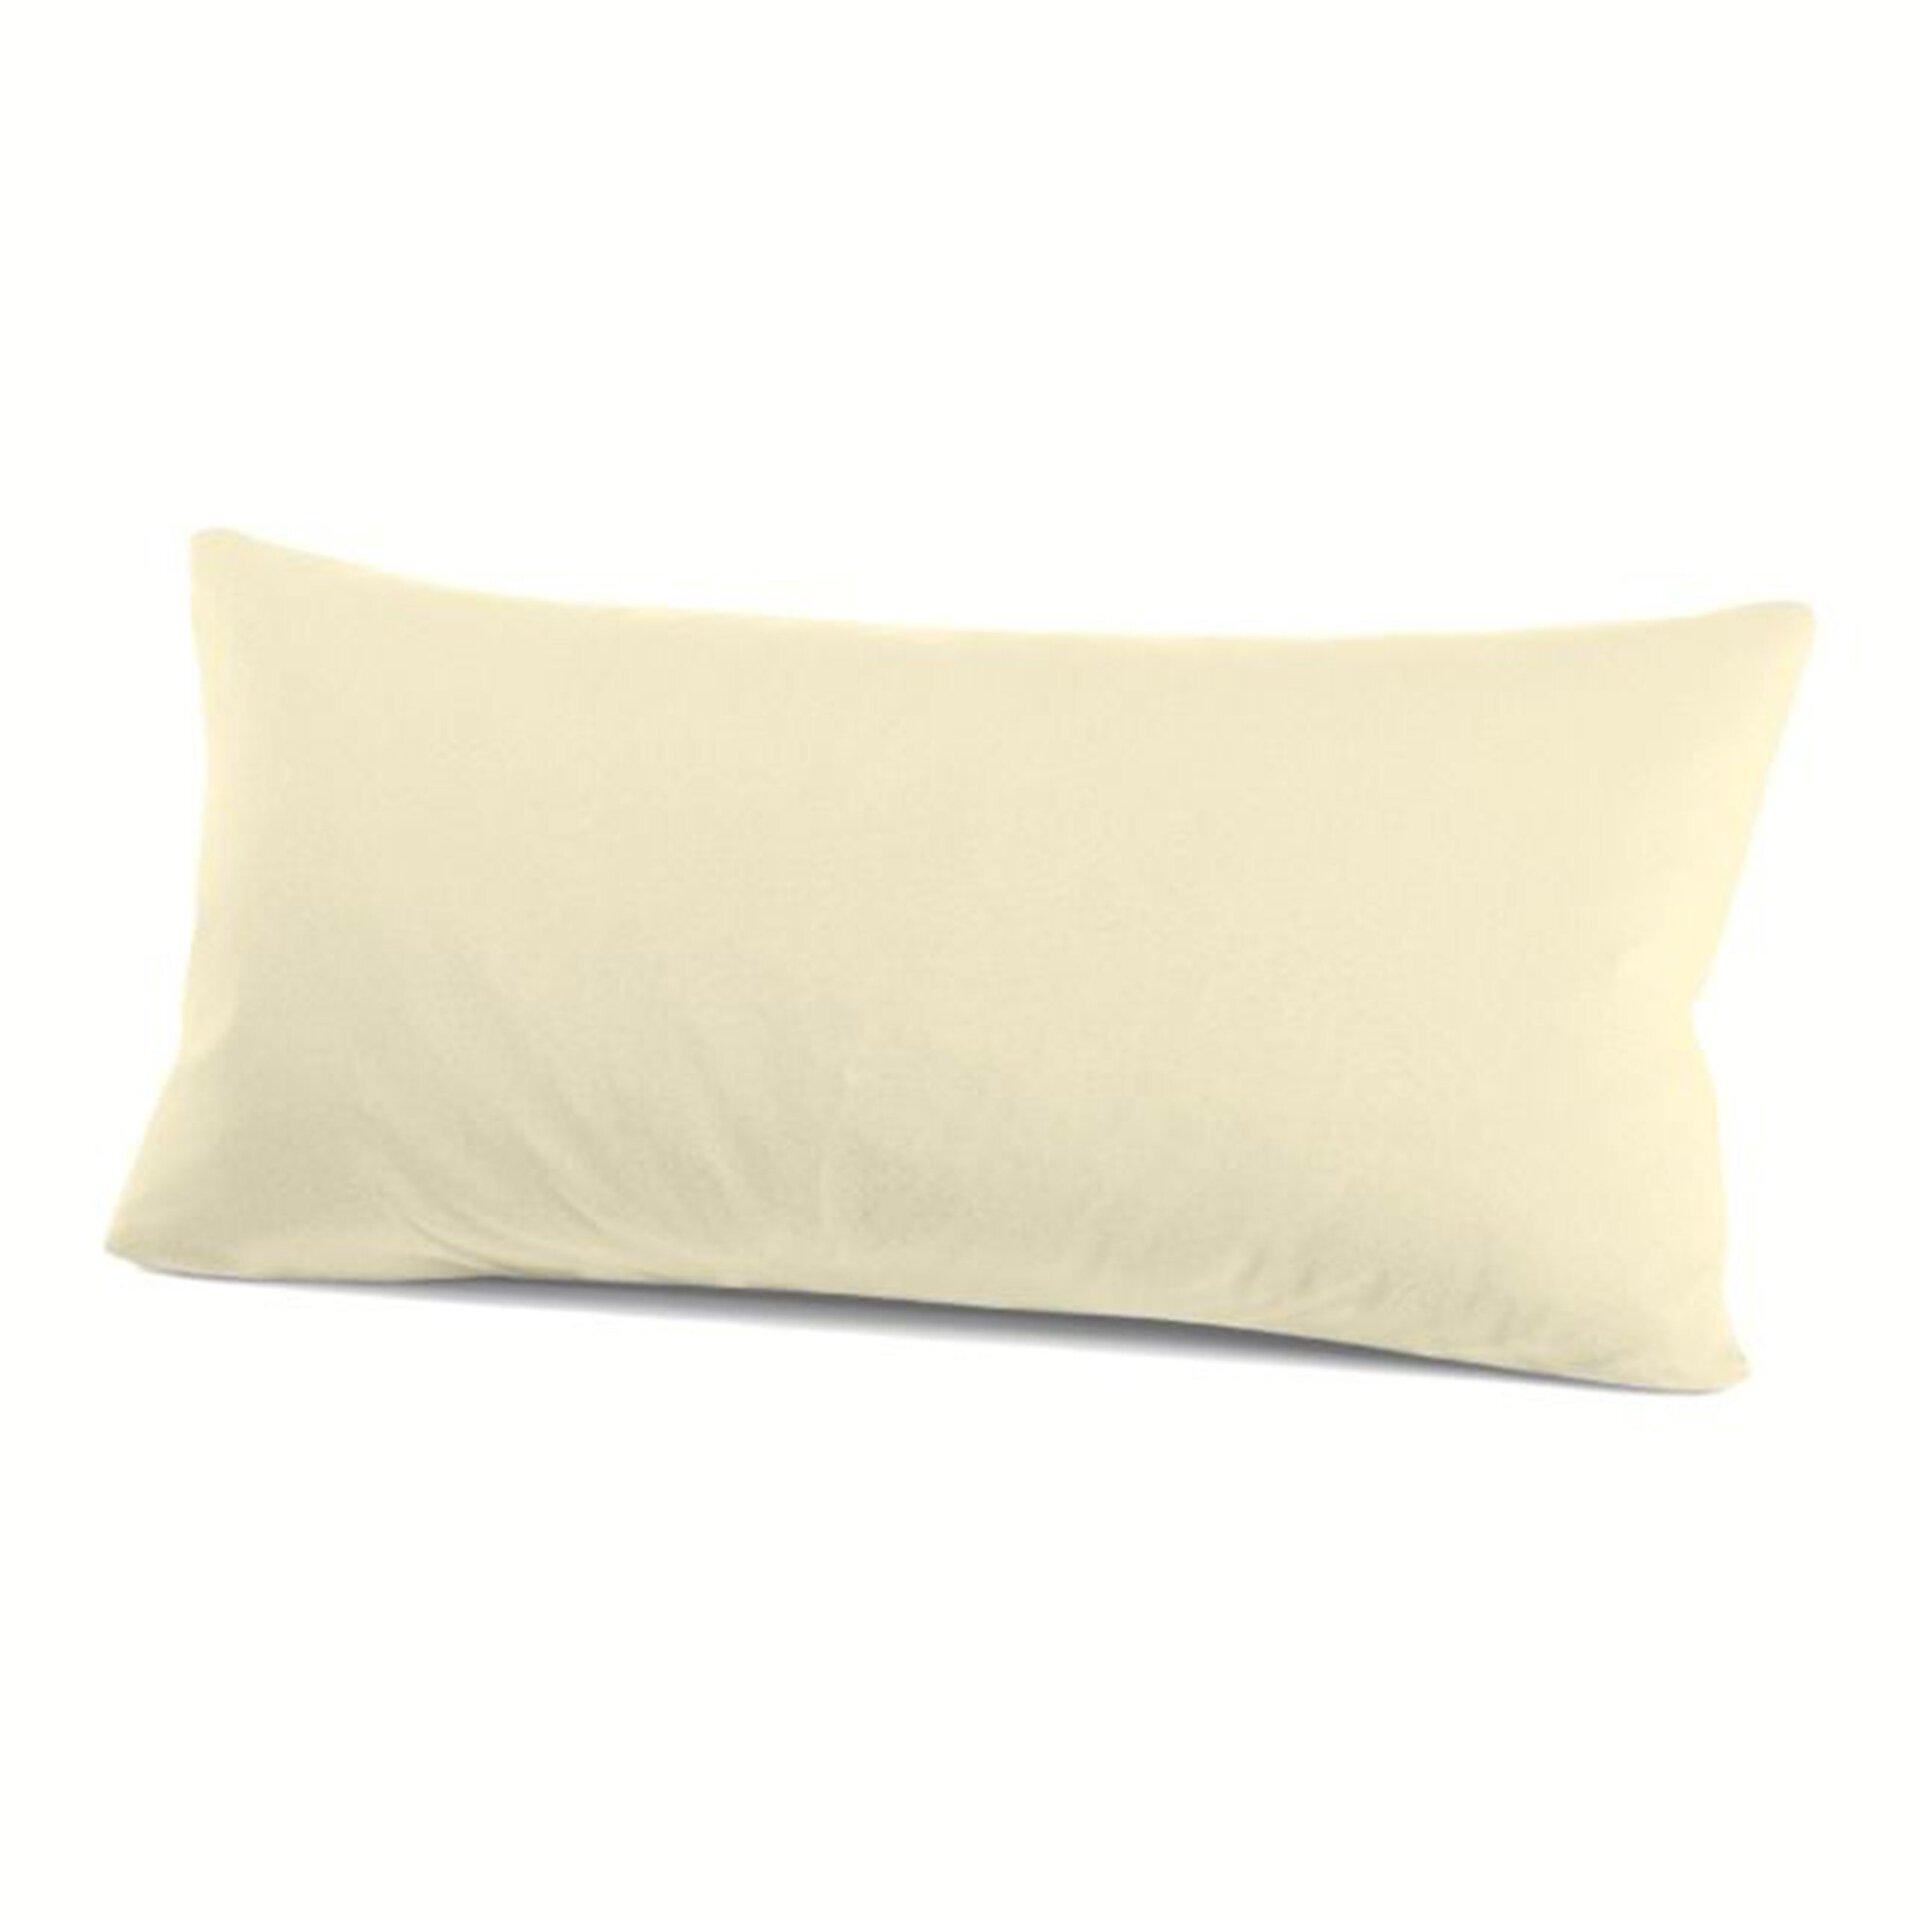 Kissenhülle Schlafgut Textil beige 40 x 80 cm